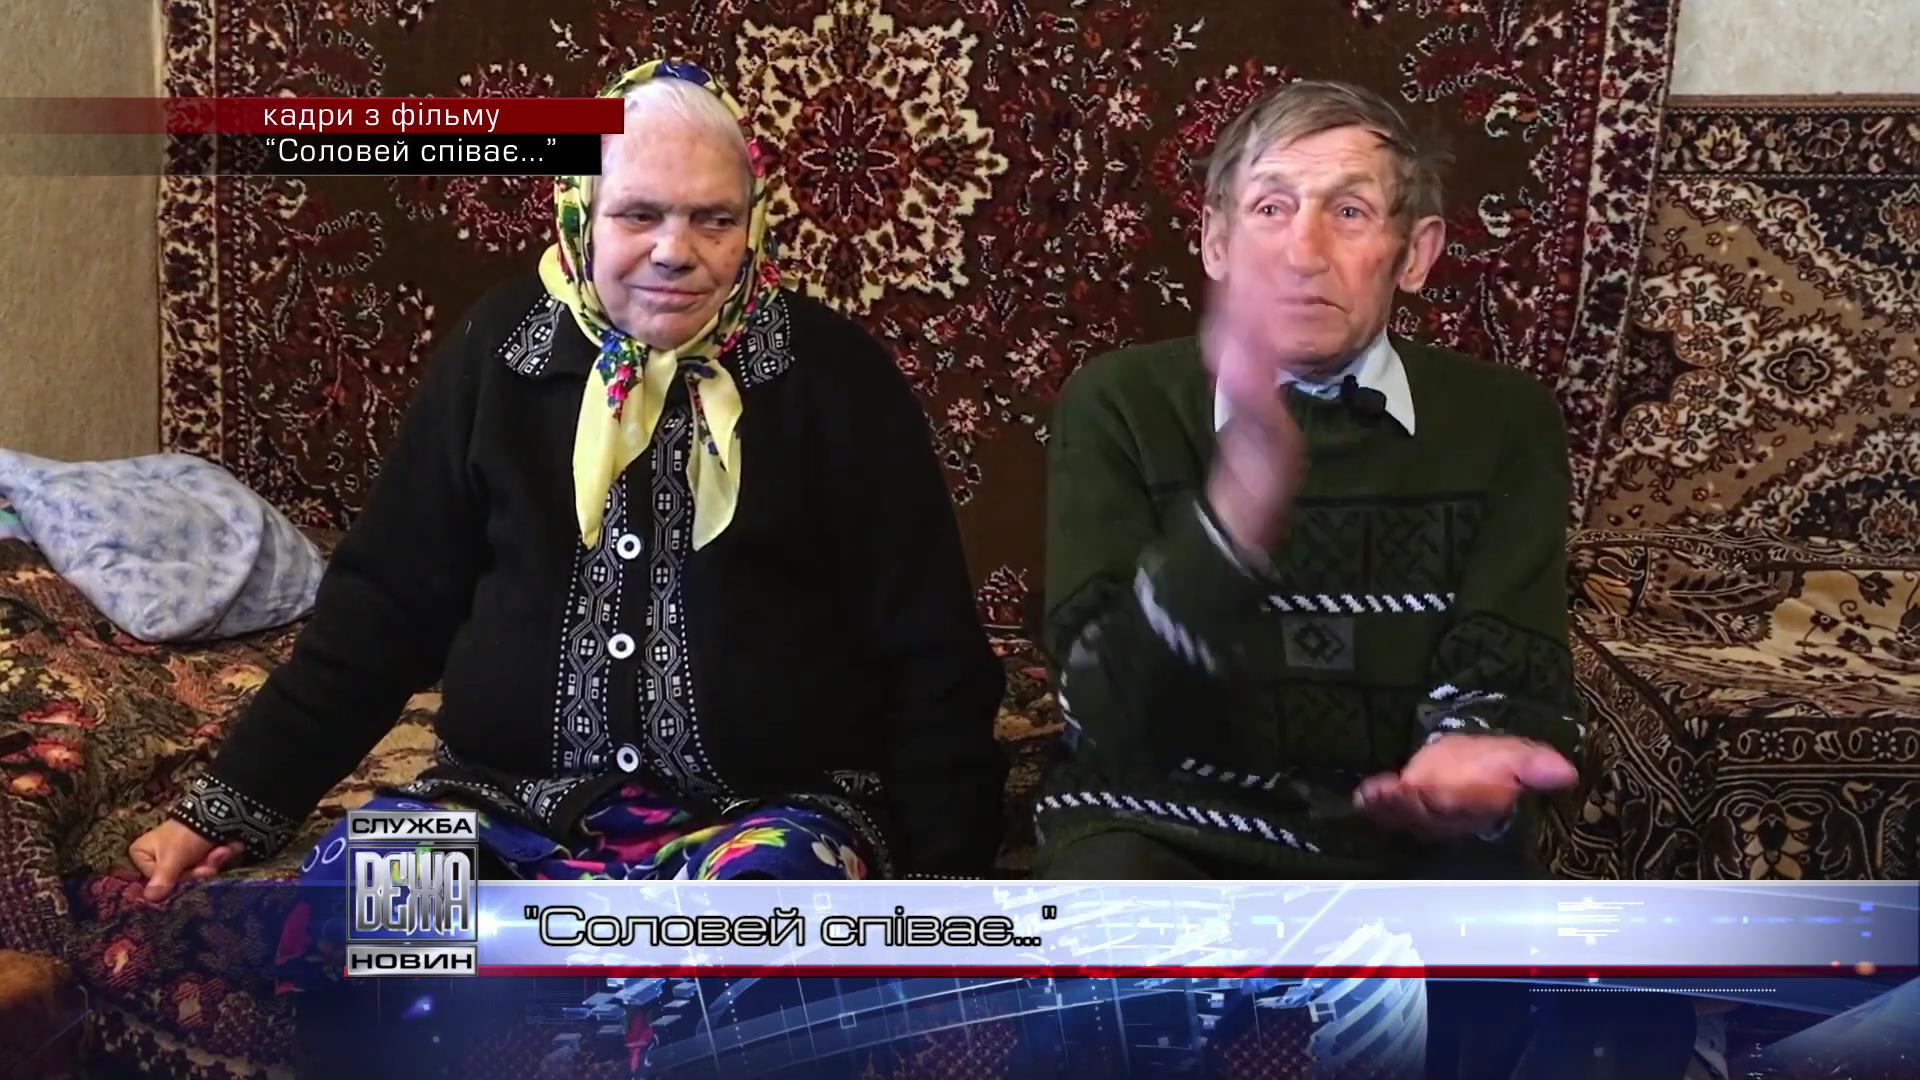 В Івано-Франківську презентували документальну стрічку Соловей співає, доки голос має[18-22-24]